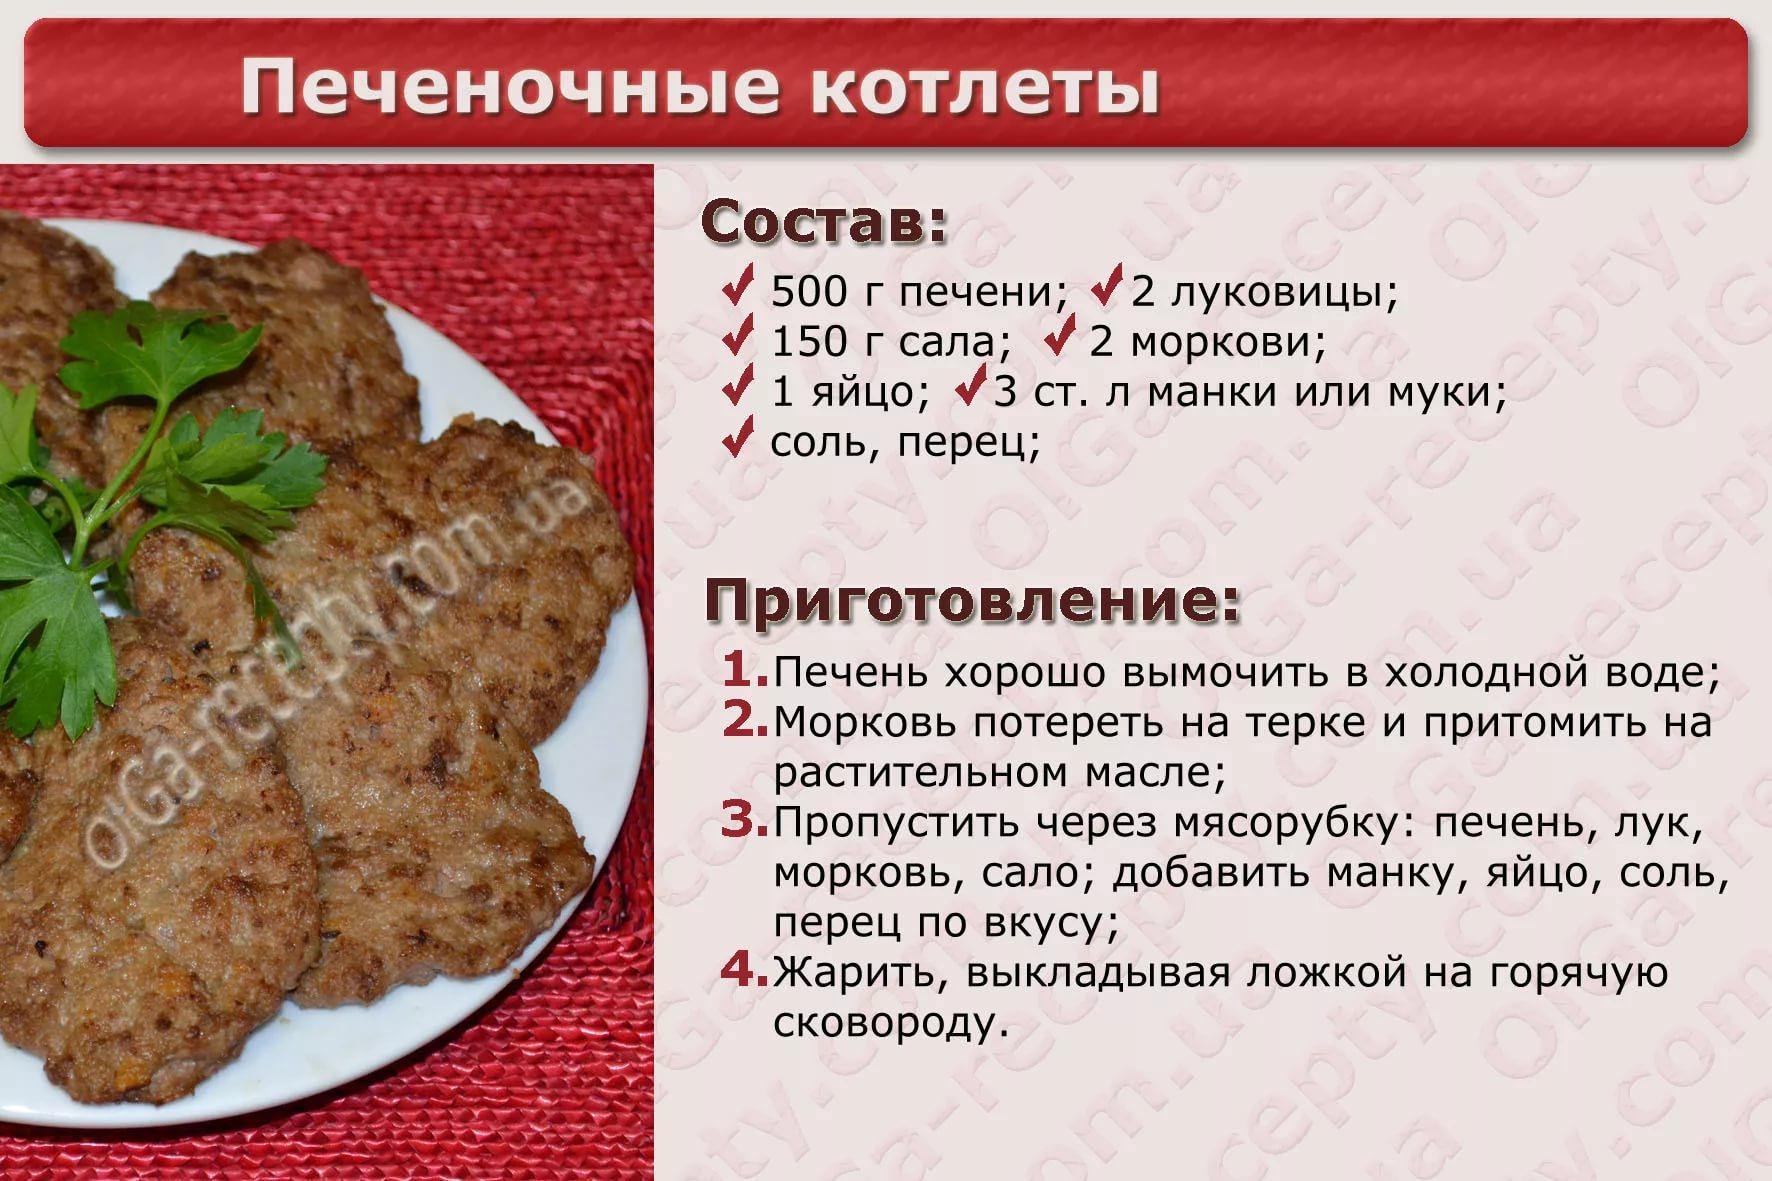 этому рецепт мясного блюда с картинками часы нас, приобретете